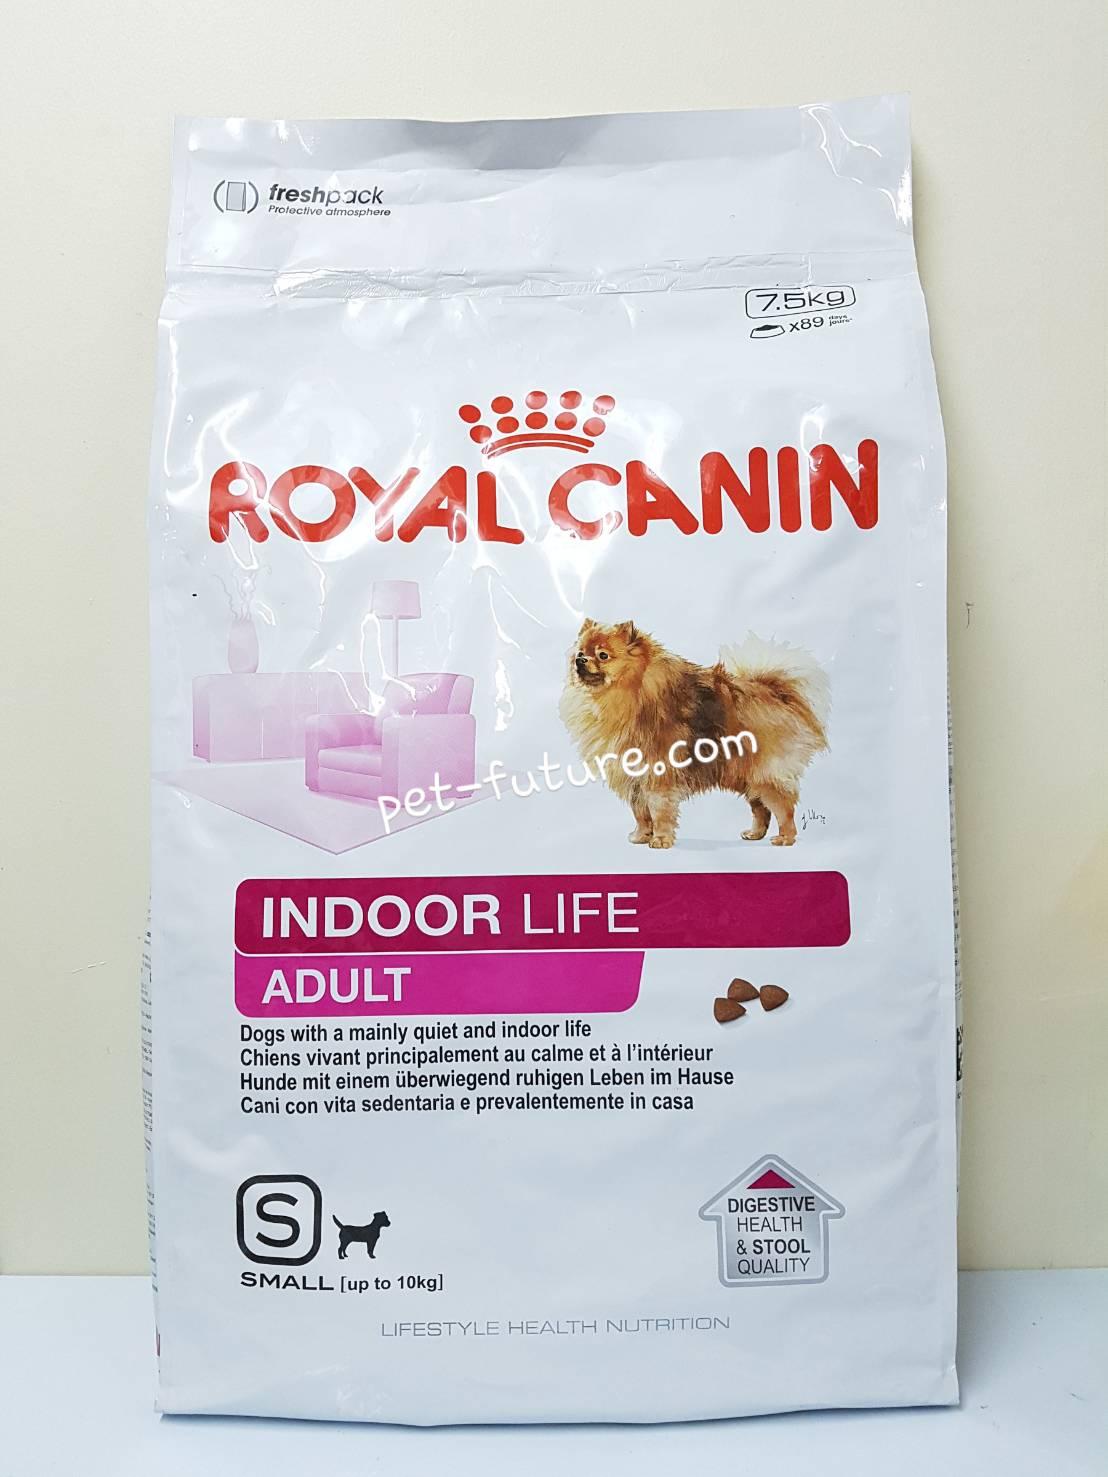 Indoor life Adult สุนัขโตขนาดเล็กอาศัยในบ้าน ขนาด 7.5 kg. Exp.08/18